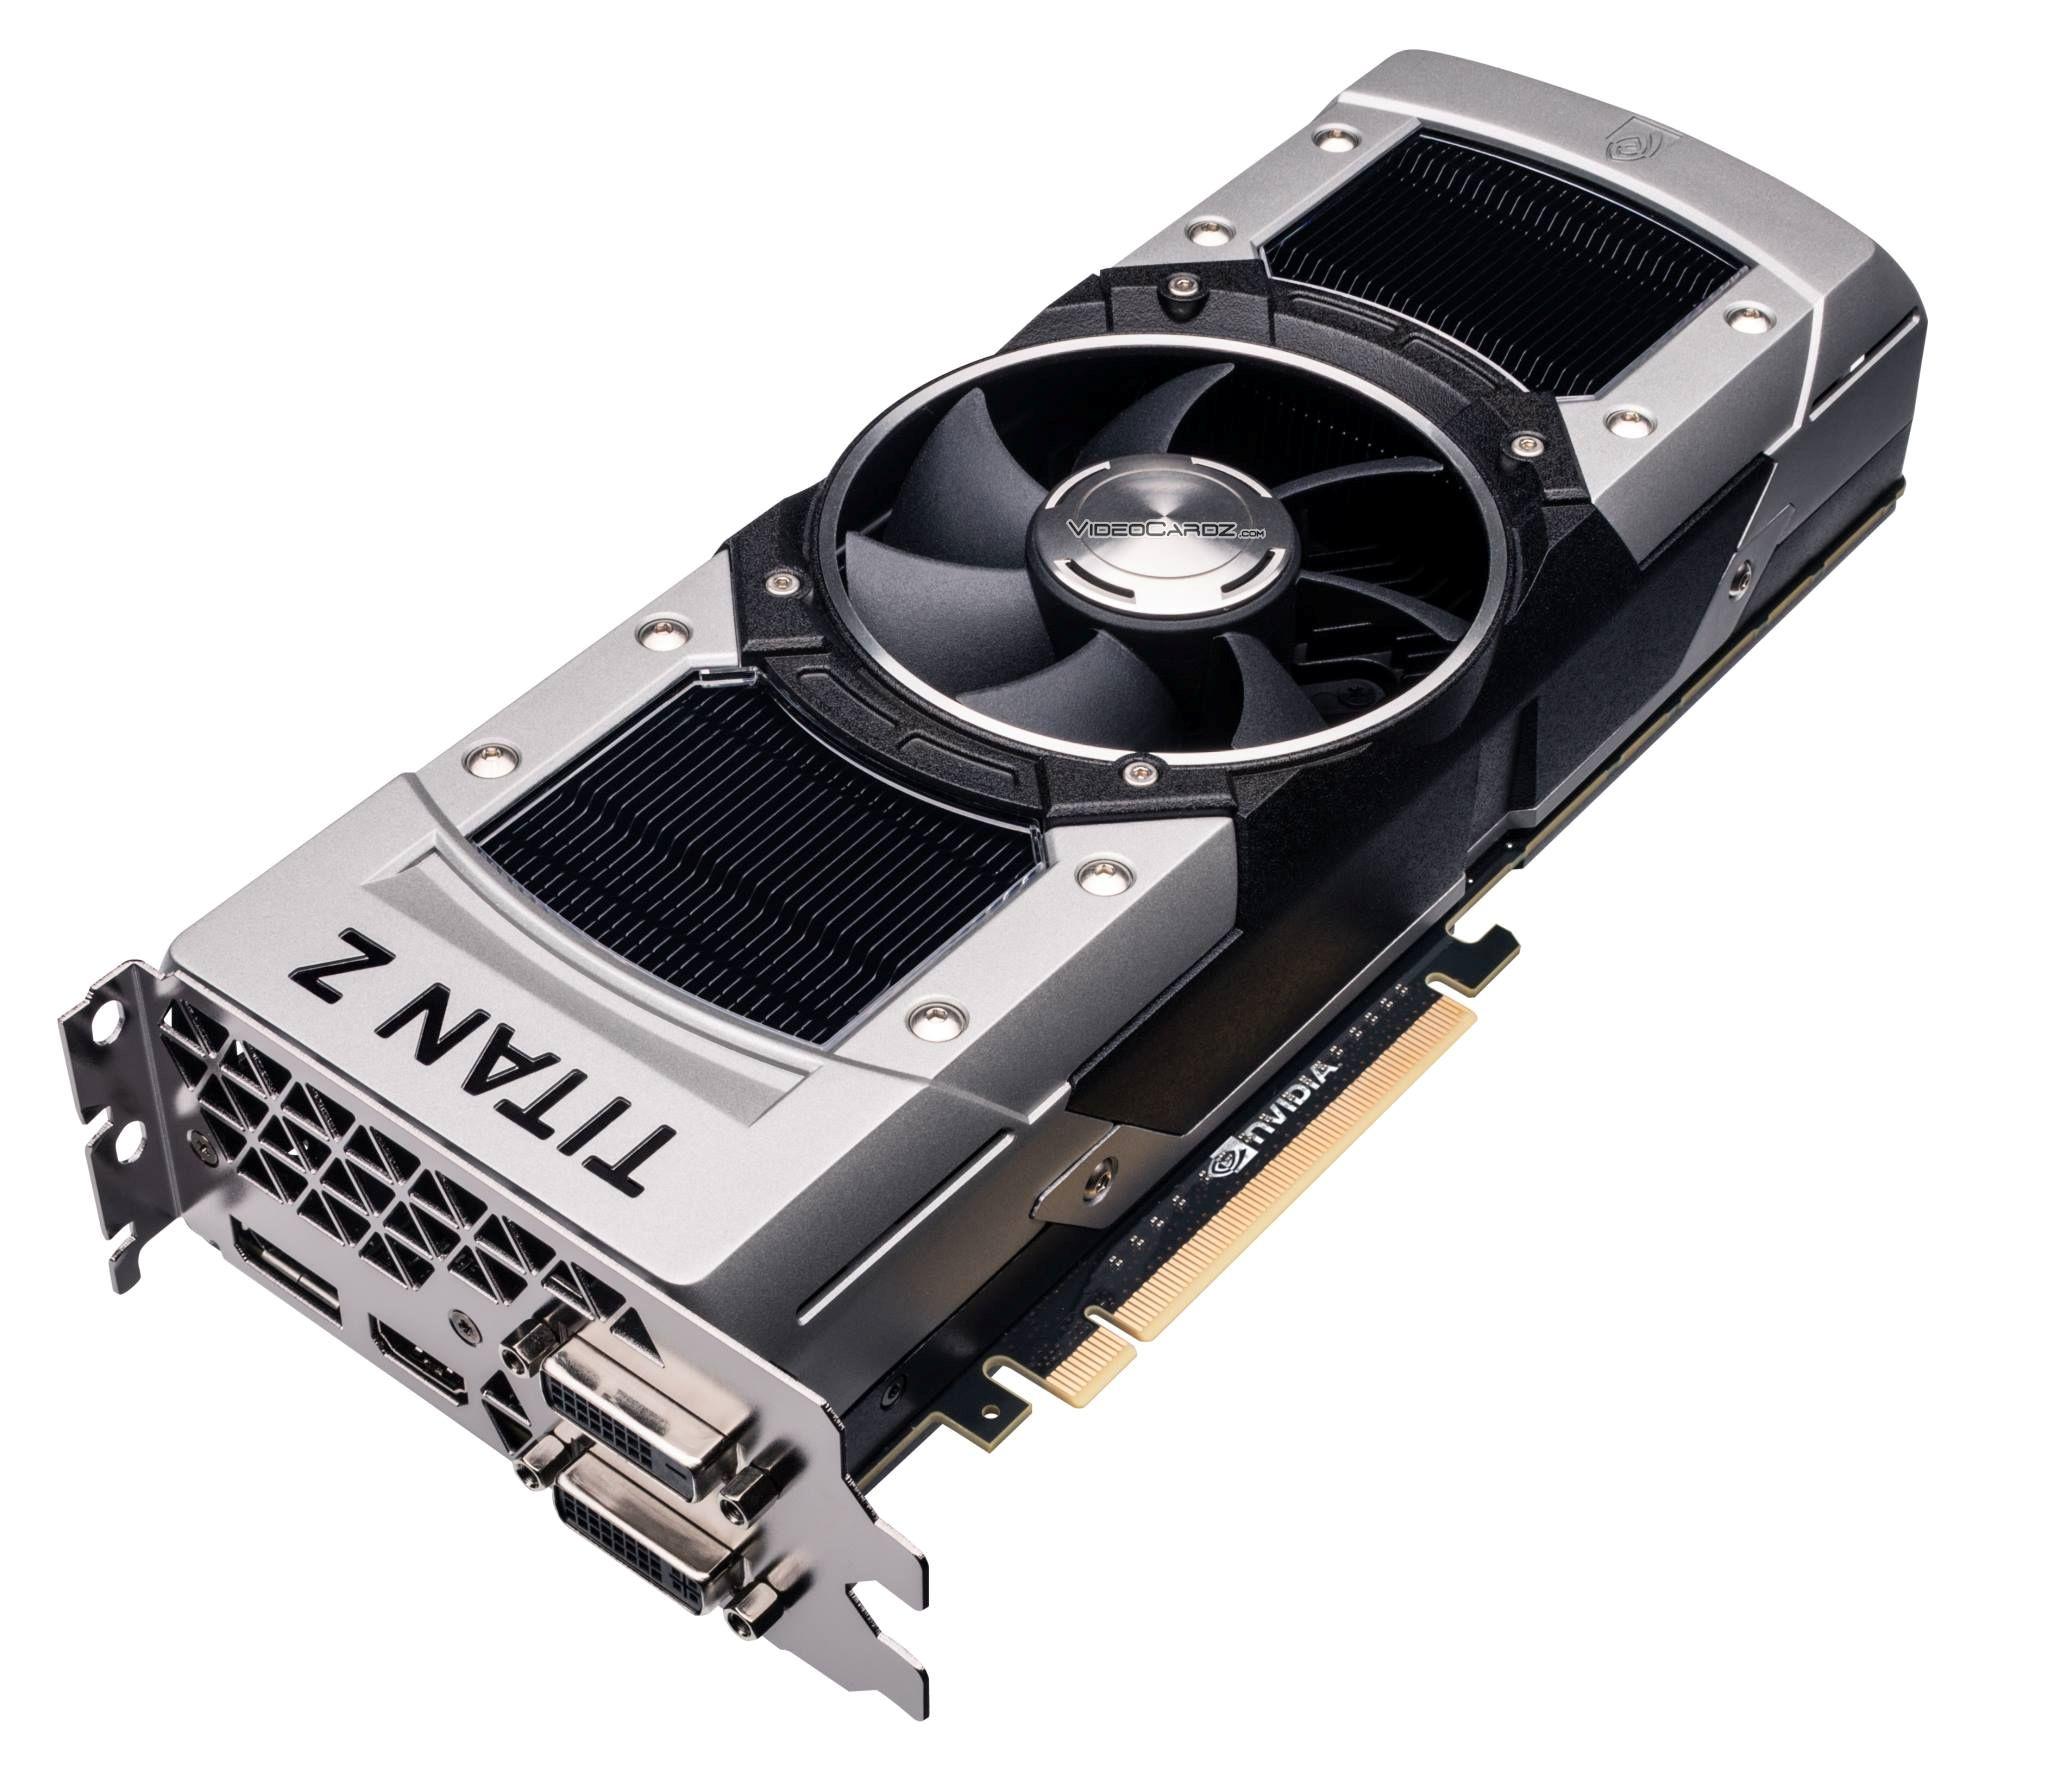 Geforce的GTX TITAN Z雙GPU版本則有5760個核心